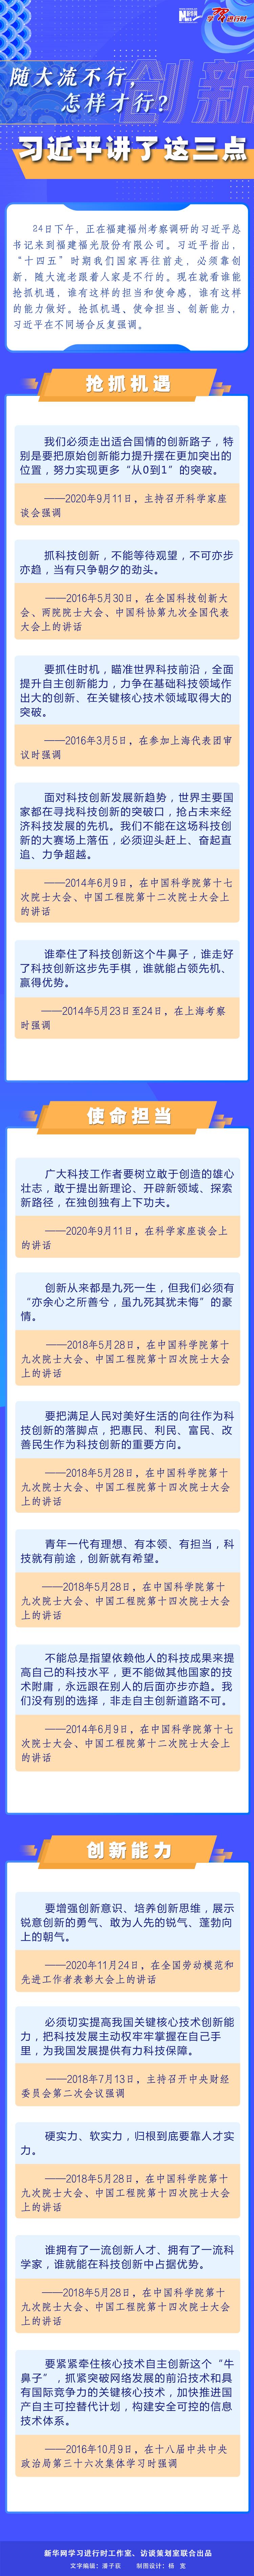 刘涛情史_广州杀人案_我在天堂等你演员表